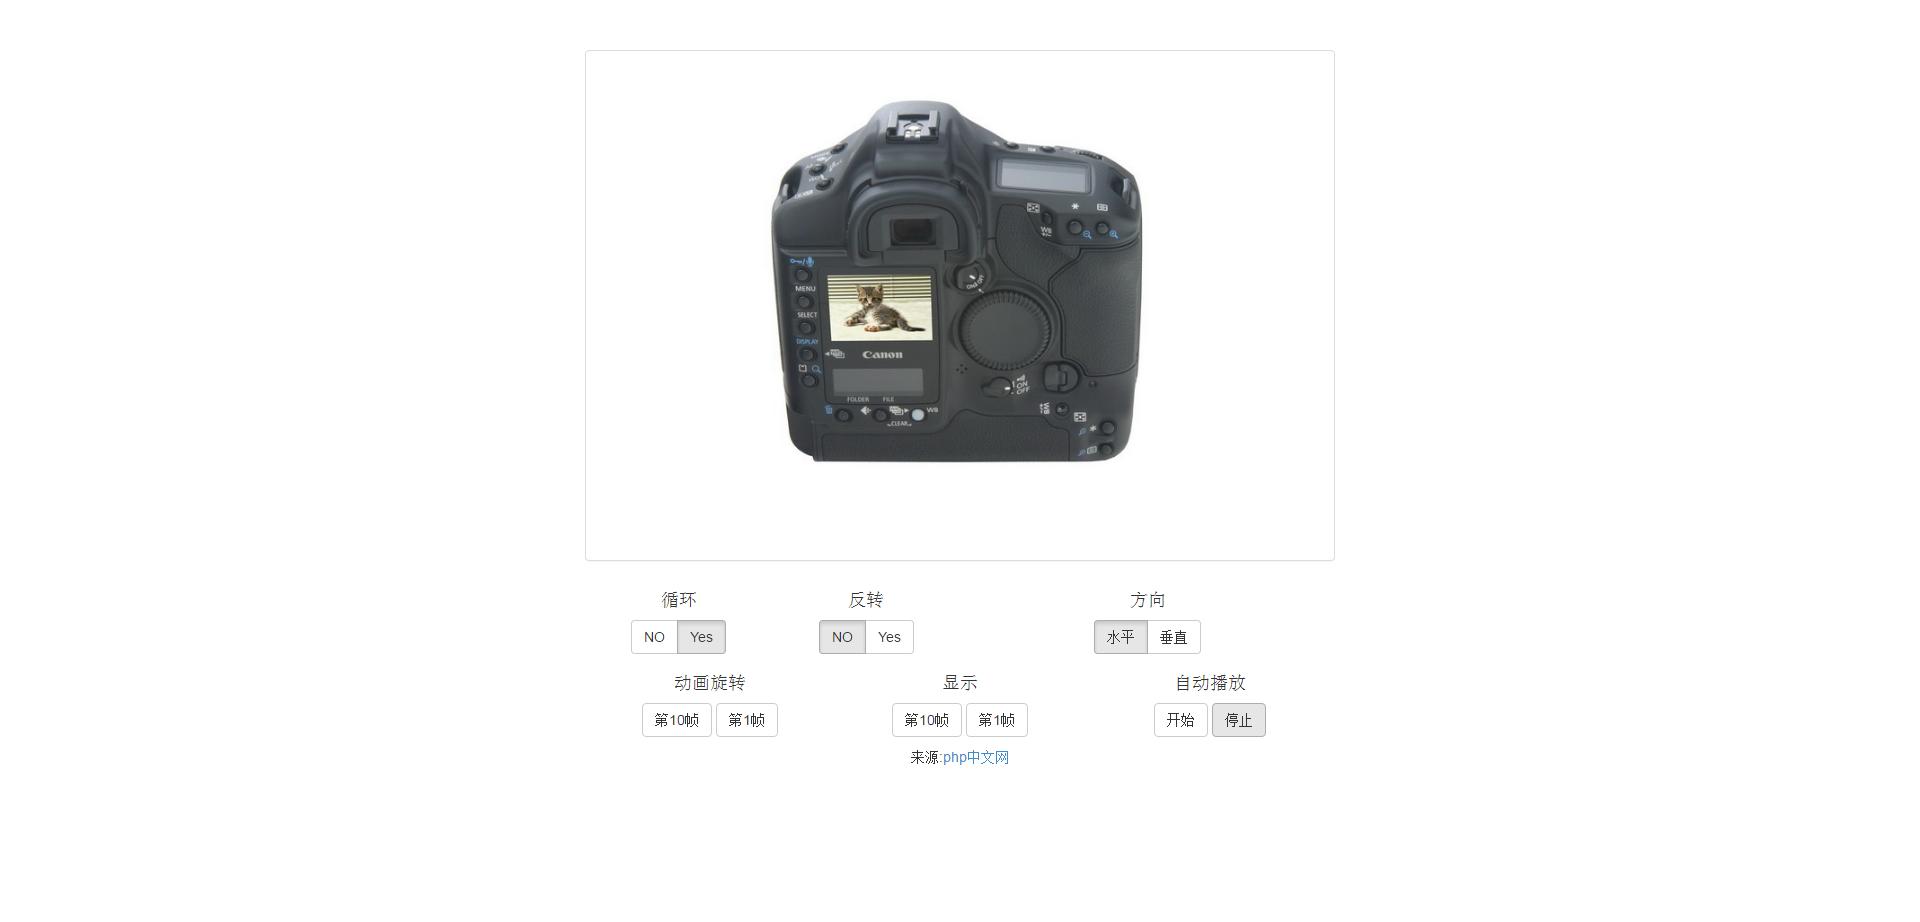 jQuery产品图片360度展示代码